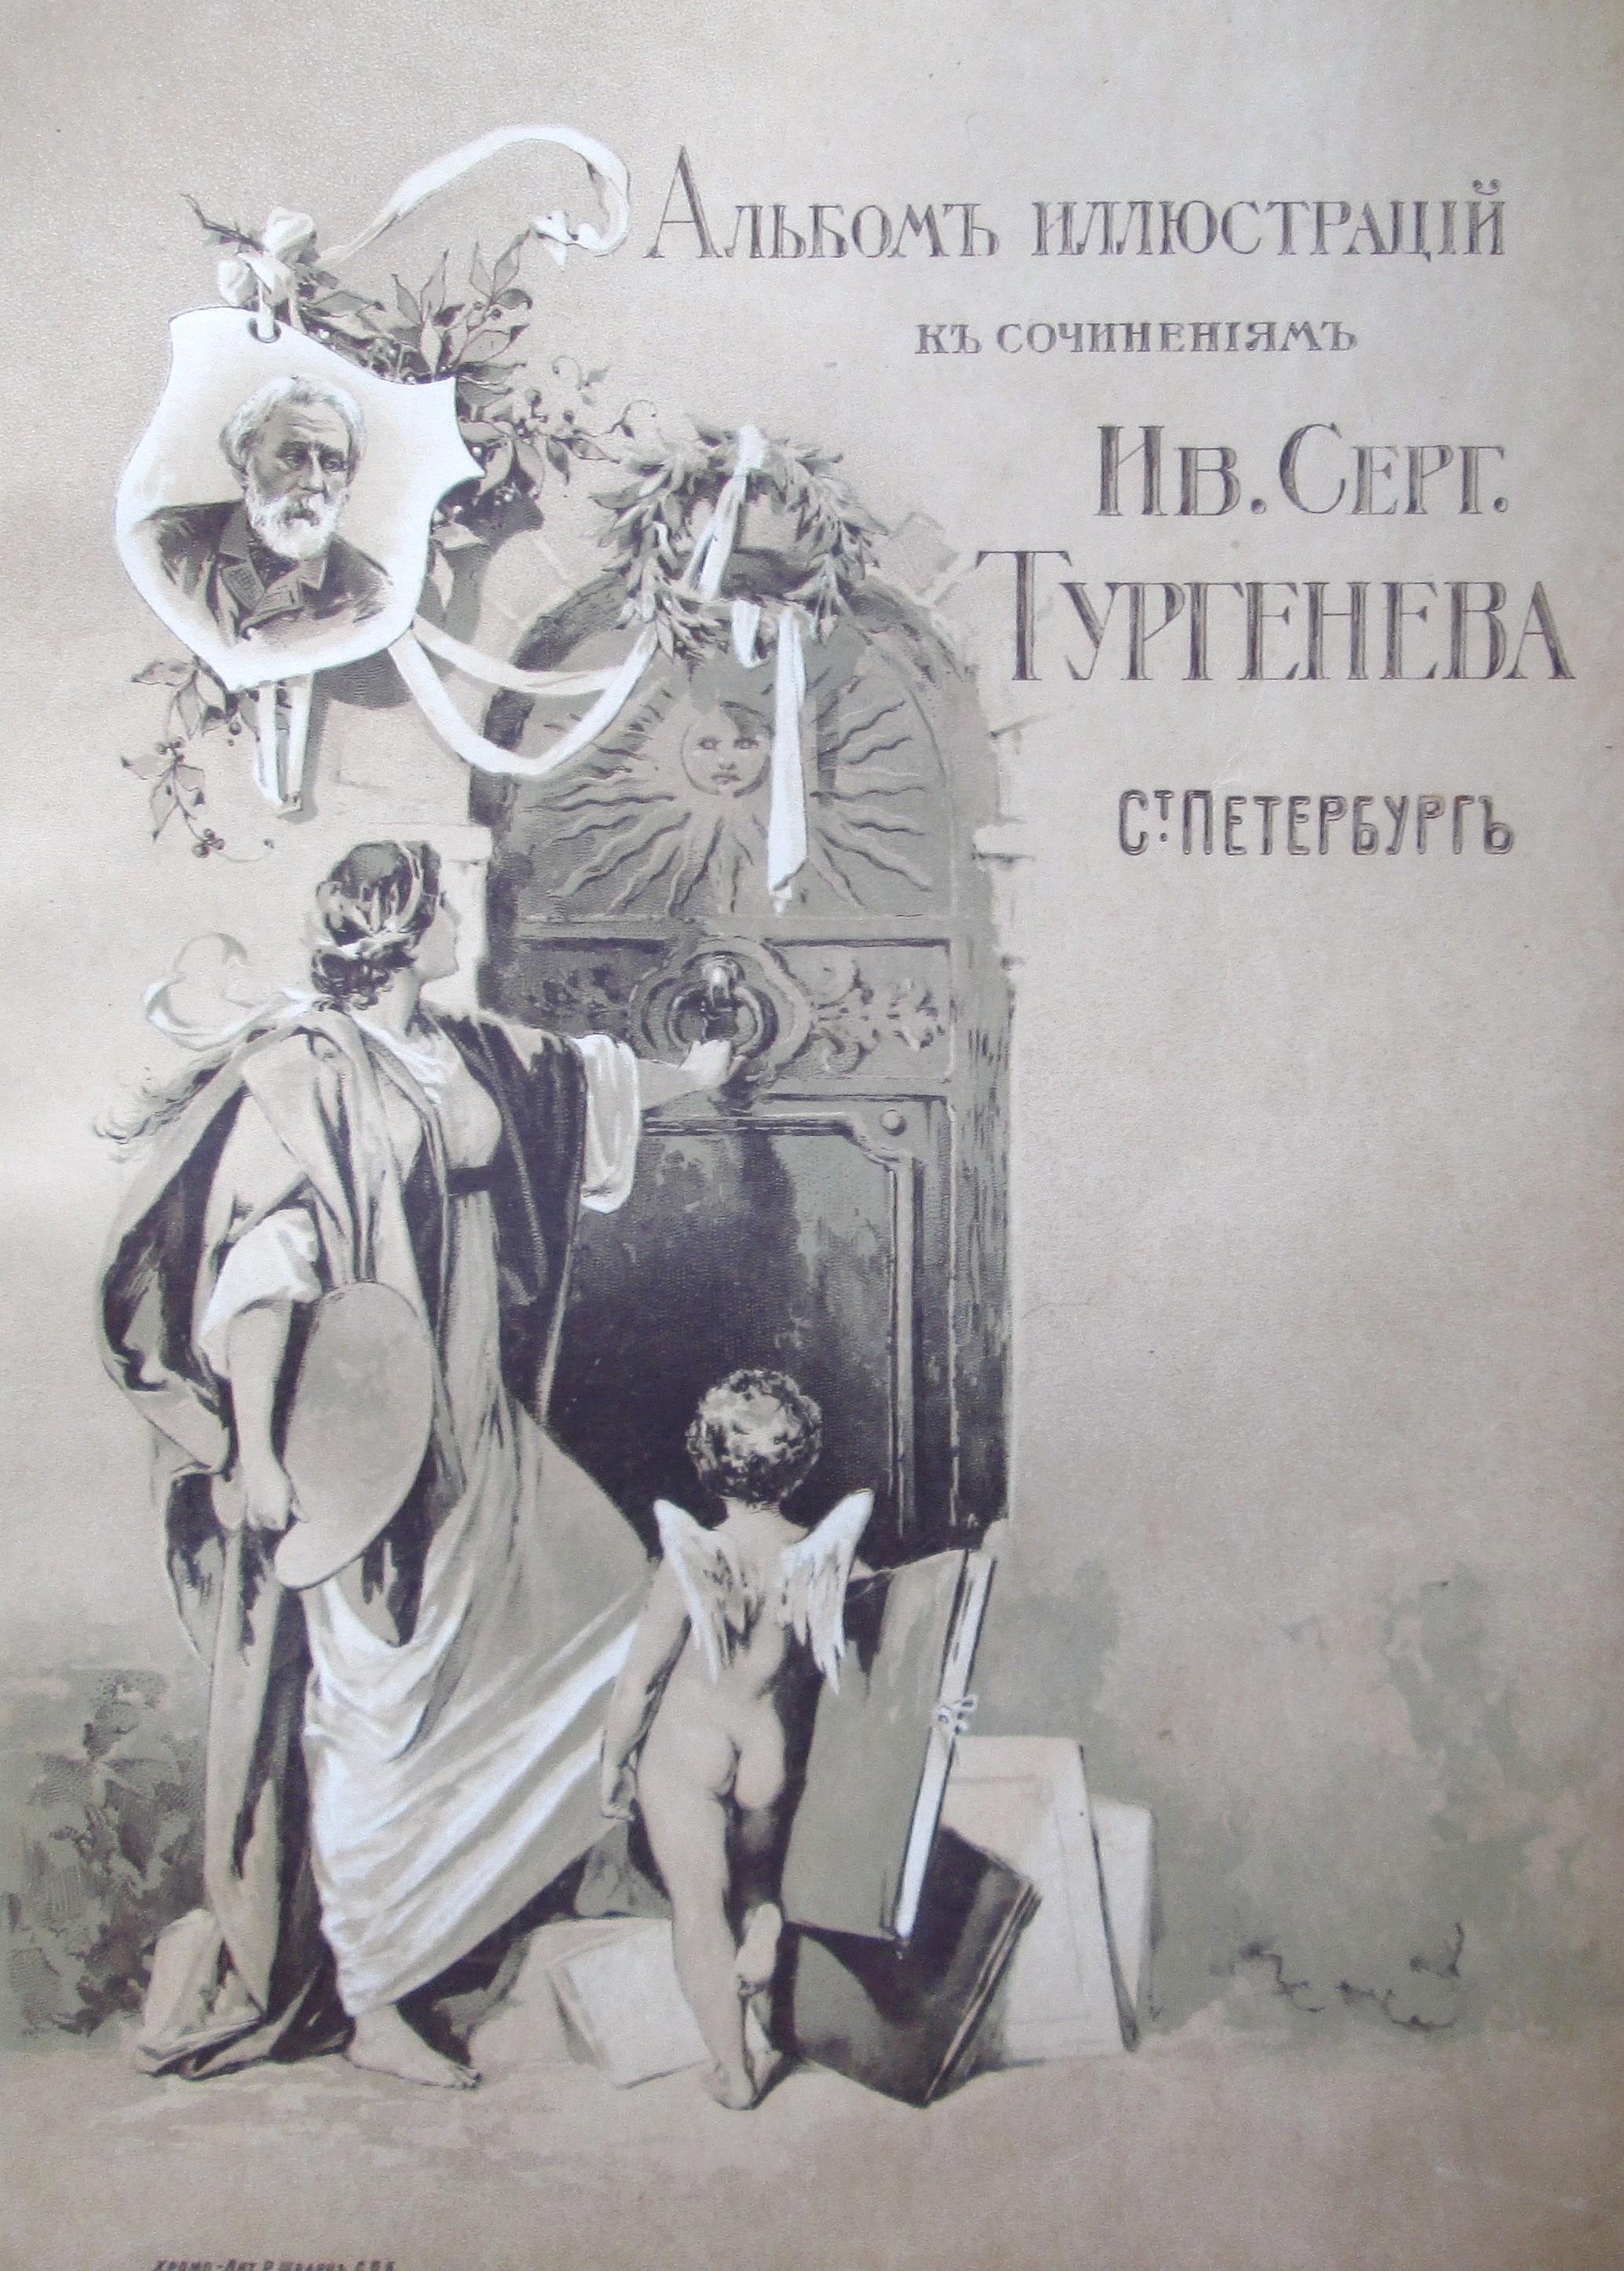 Выставка «И. С. Тургенев и детская литература: замыслы, произведения, издания, иллюстрации» – события на сайте «Московские Сезоны»